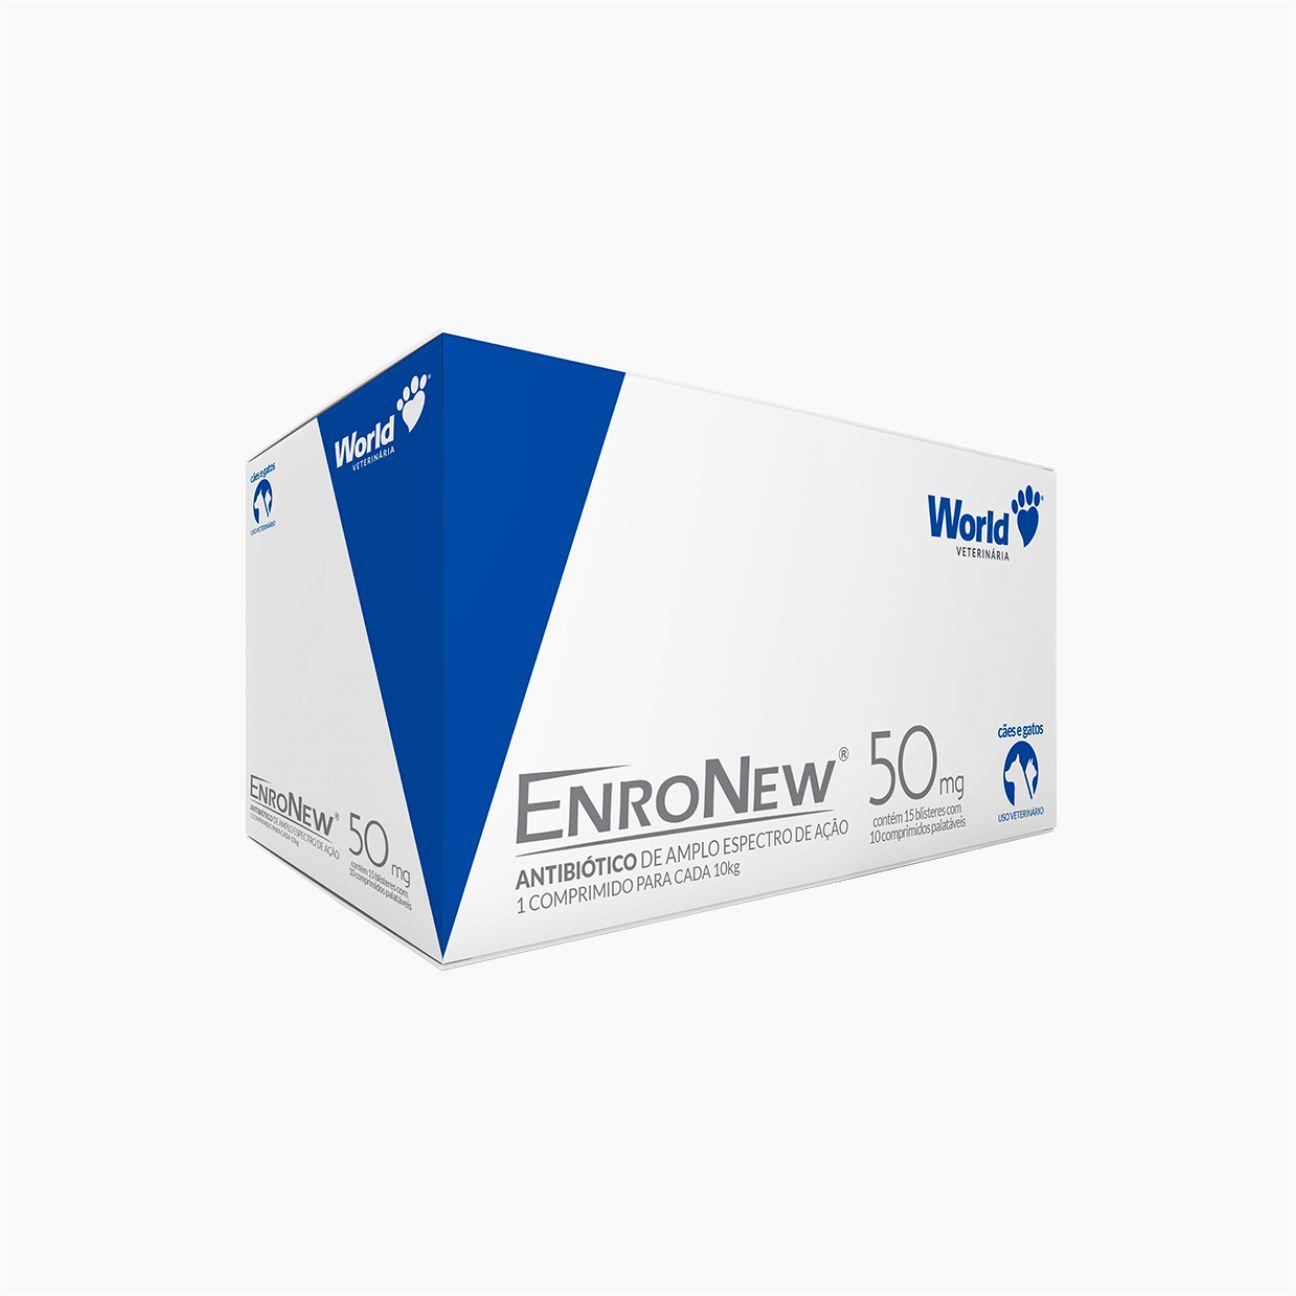 EnroNew 50 mg